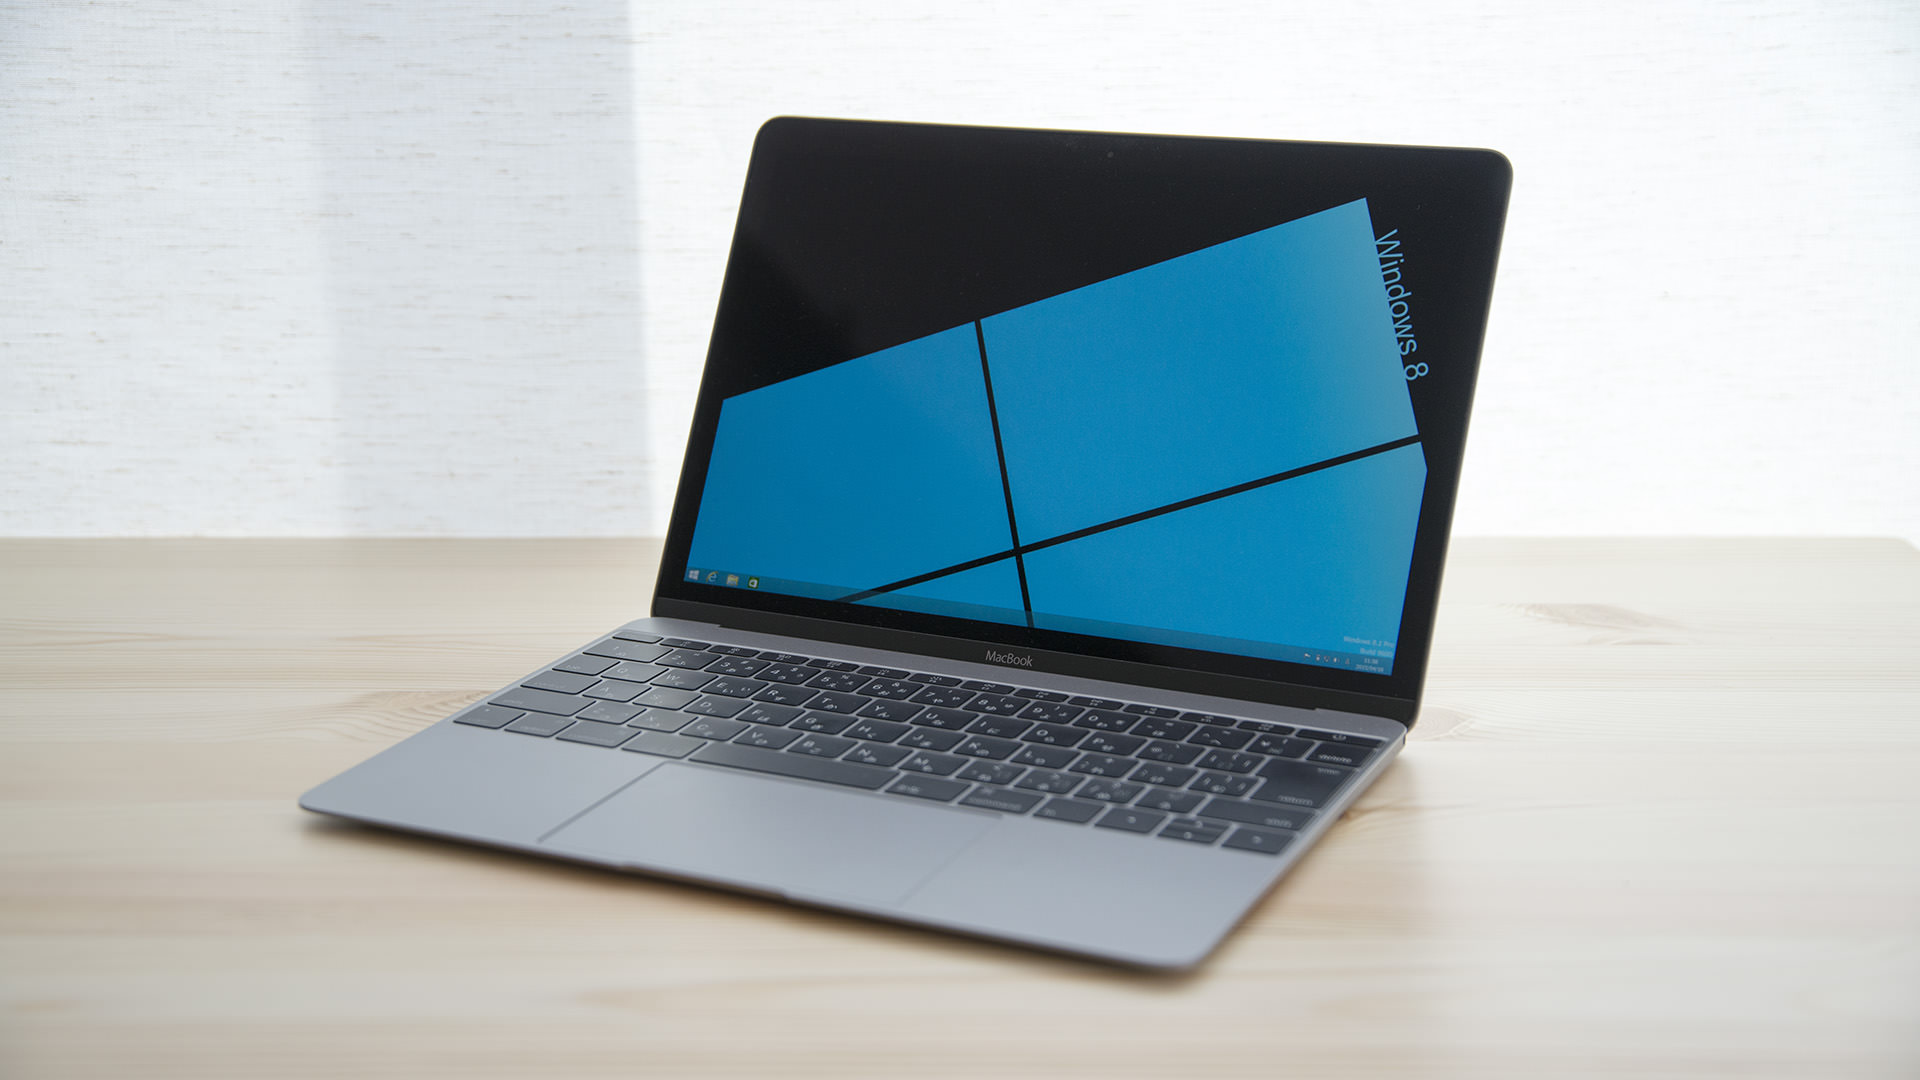 Macbook Air Parallels Desktop For Mac